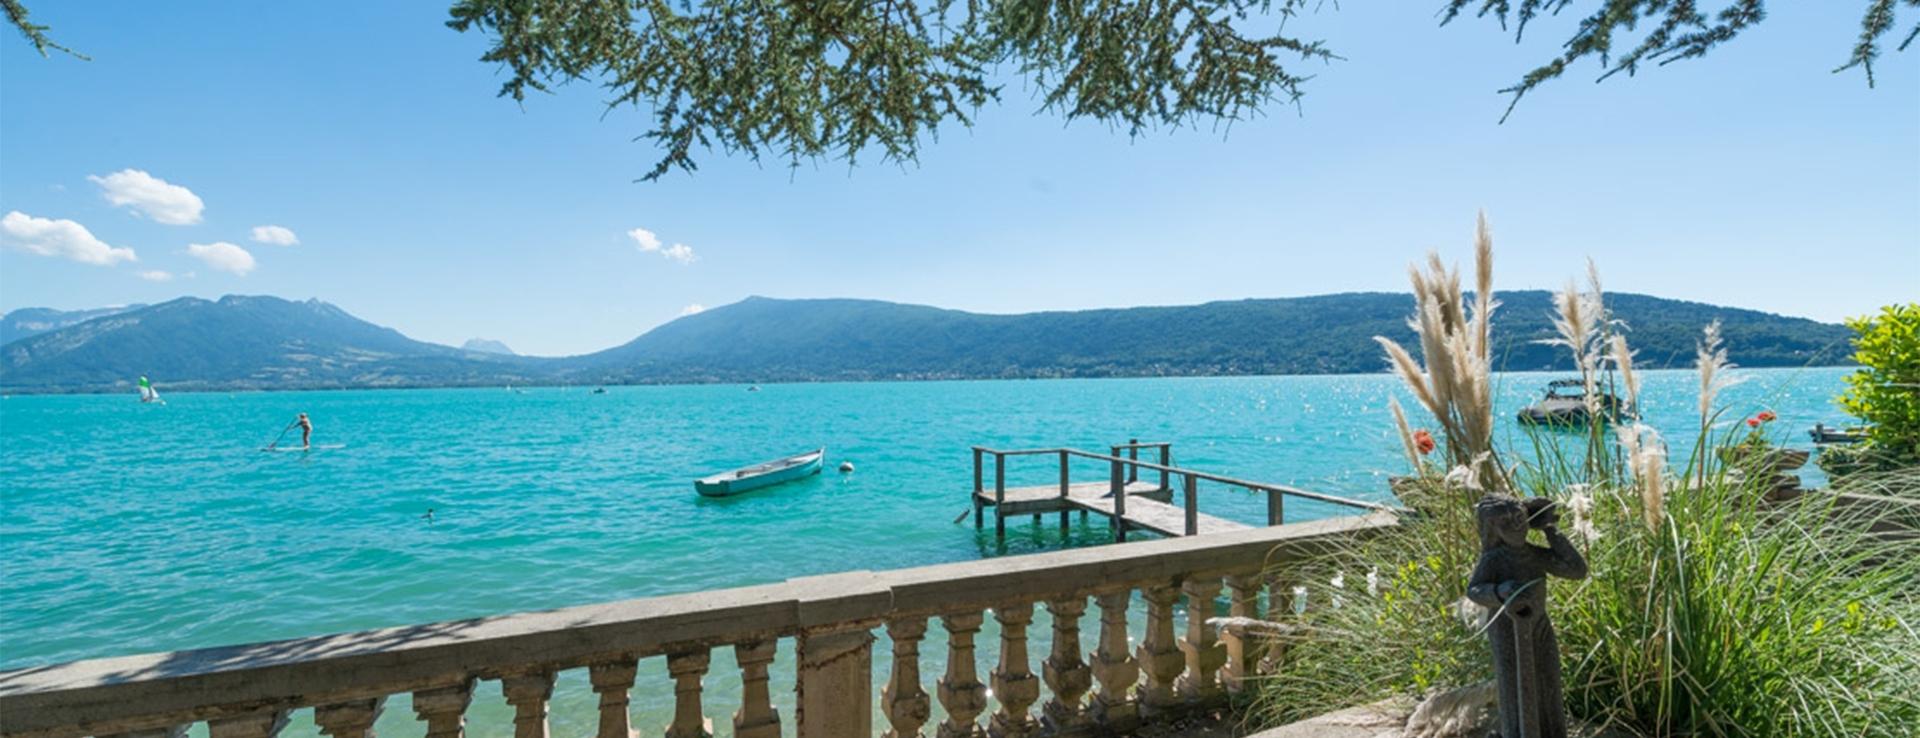 Villa Les Pieds dans l'eau 1